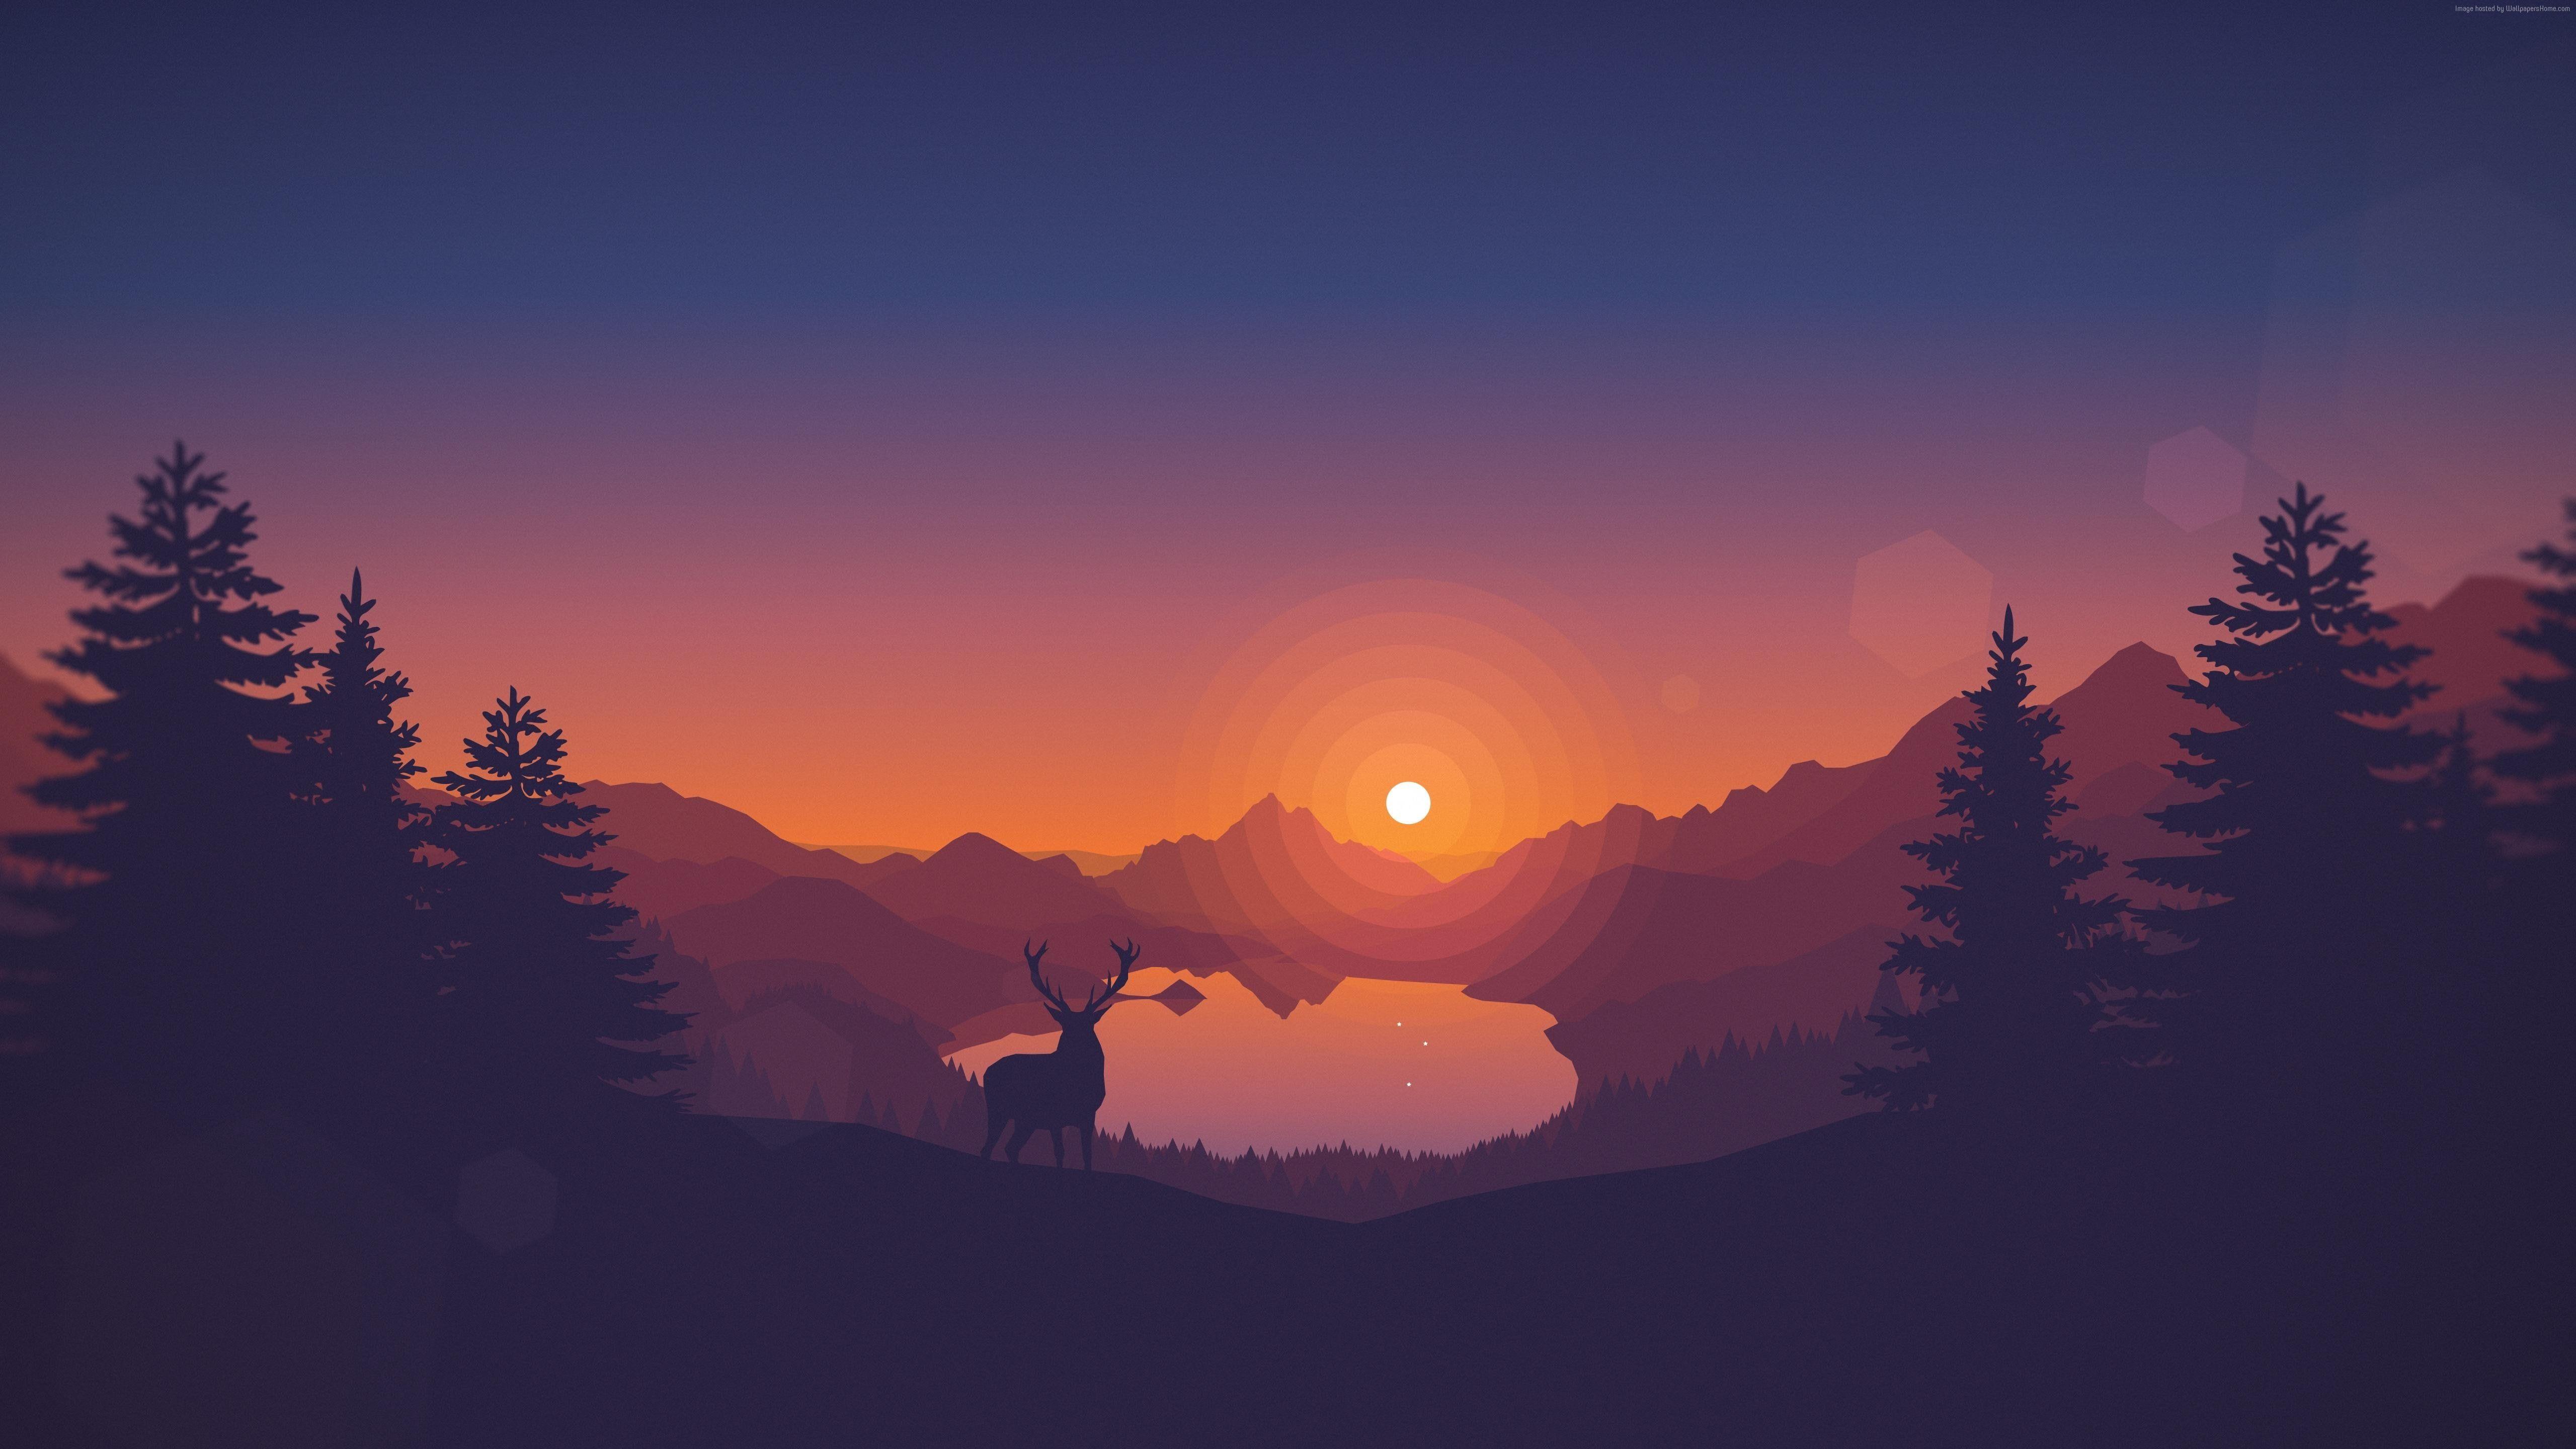 Firewatch Concept Art Olly Moss Desktop wallpapers